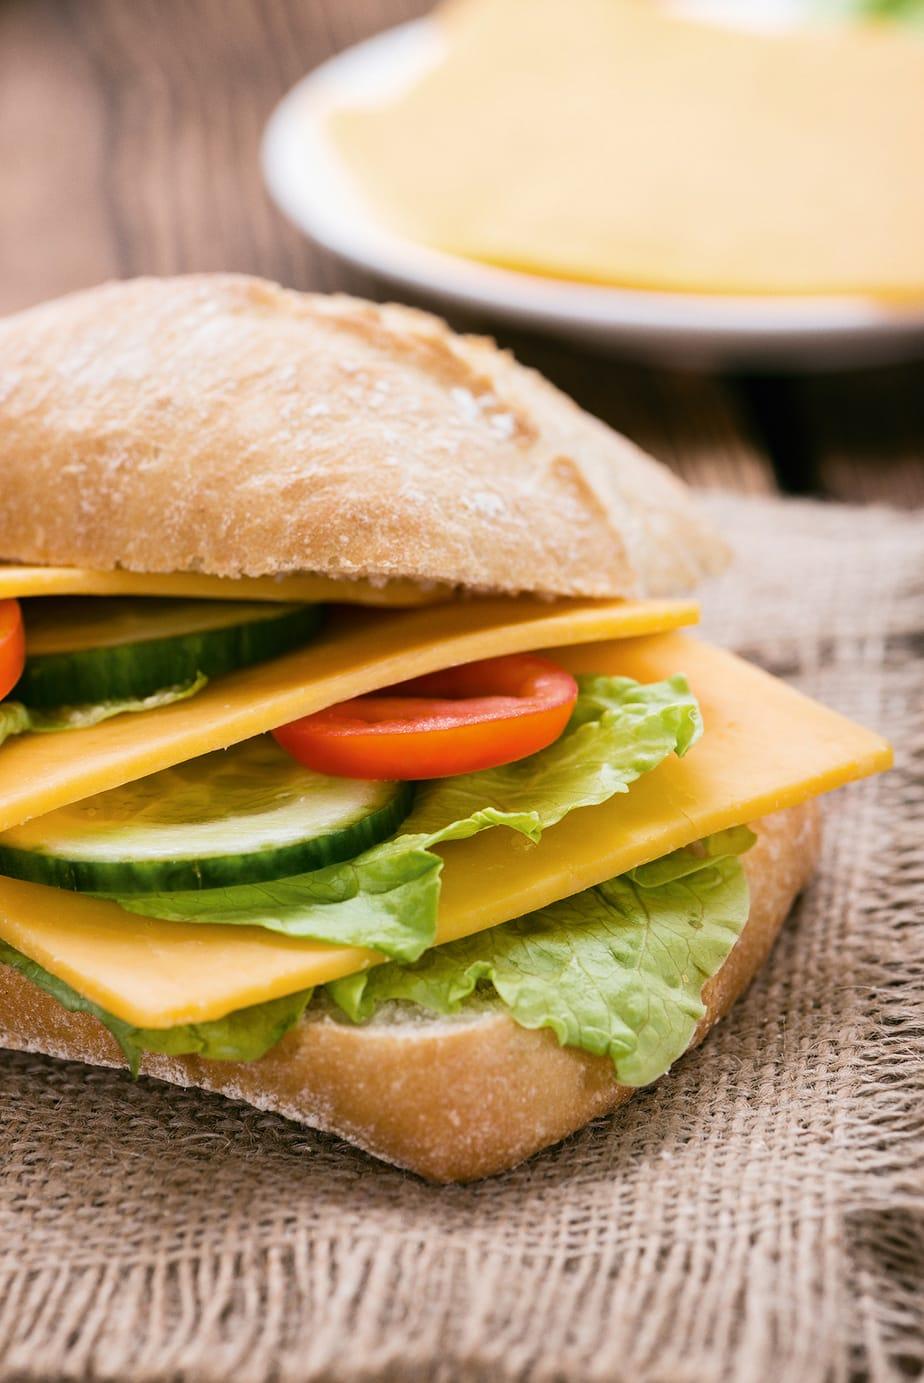 The Color Club - CheddarSandwich